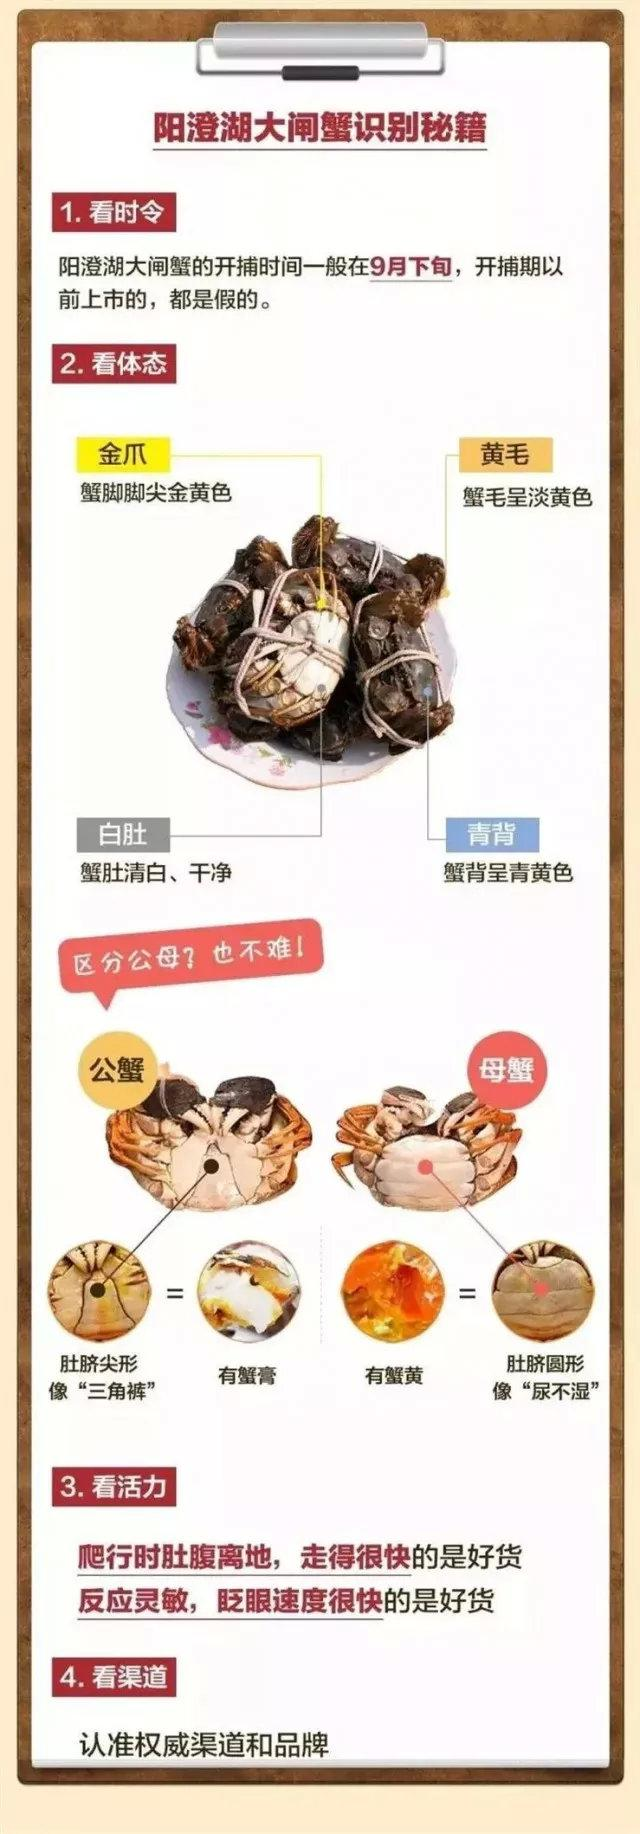 确定了!今年中秋节吃不上阳澄湖大闸蟹了